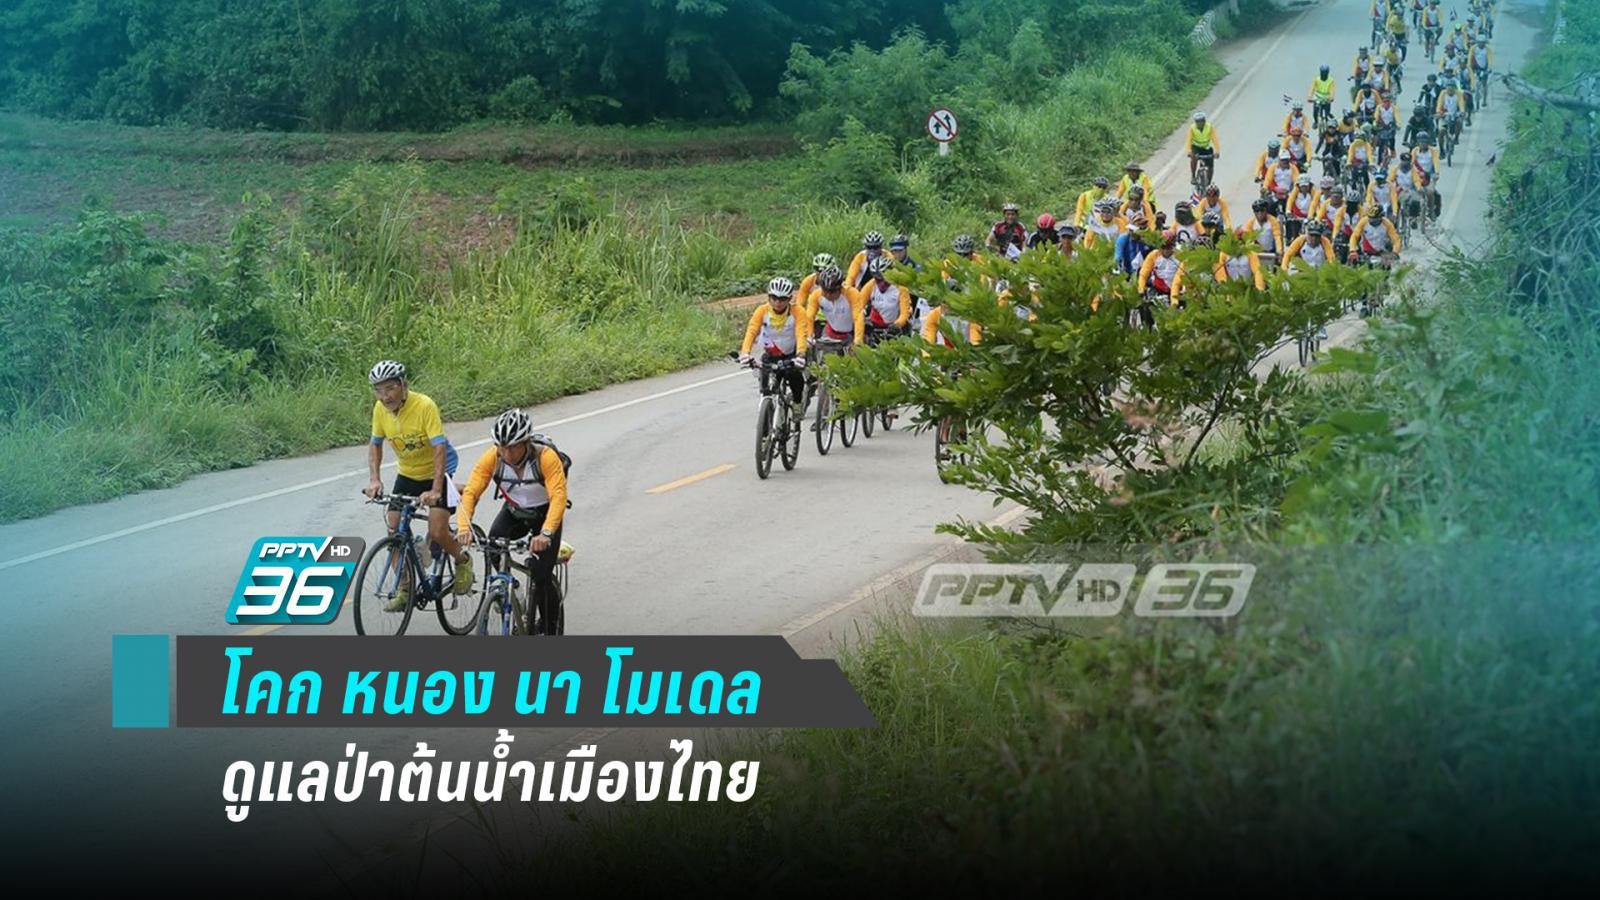 """""""โคก หนอง นา"""" โมเดล ดูแลป่าต้นน้ำเมืองไทยตามศาสตร์พระราชา"""